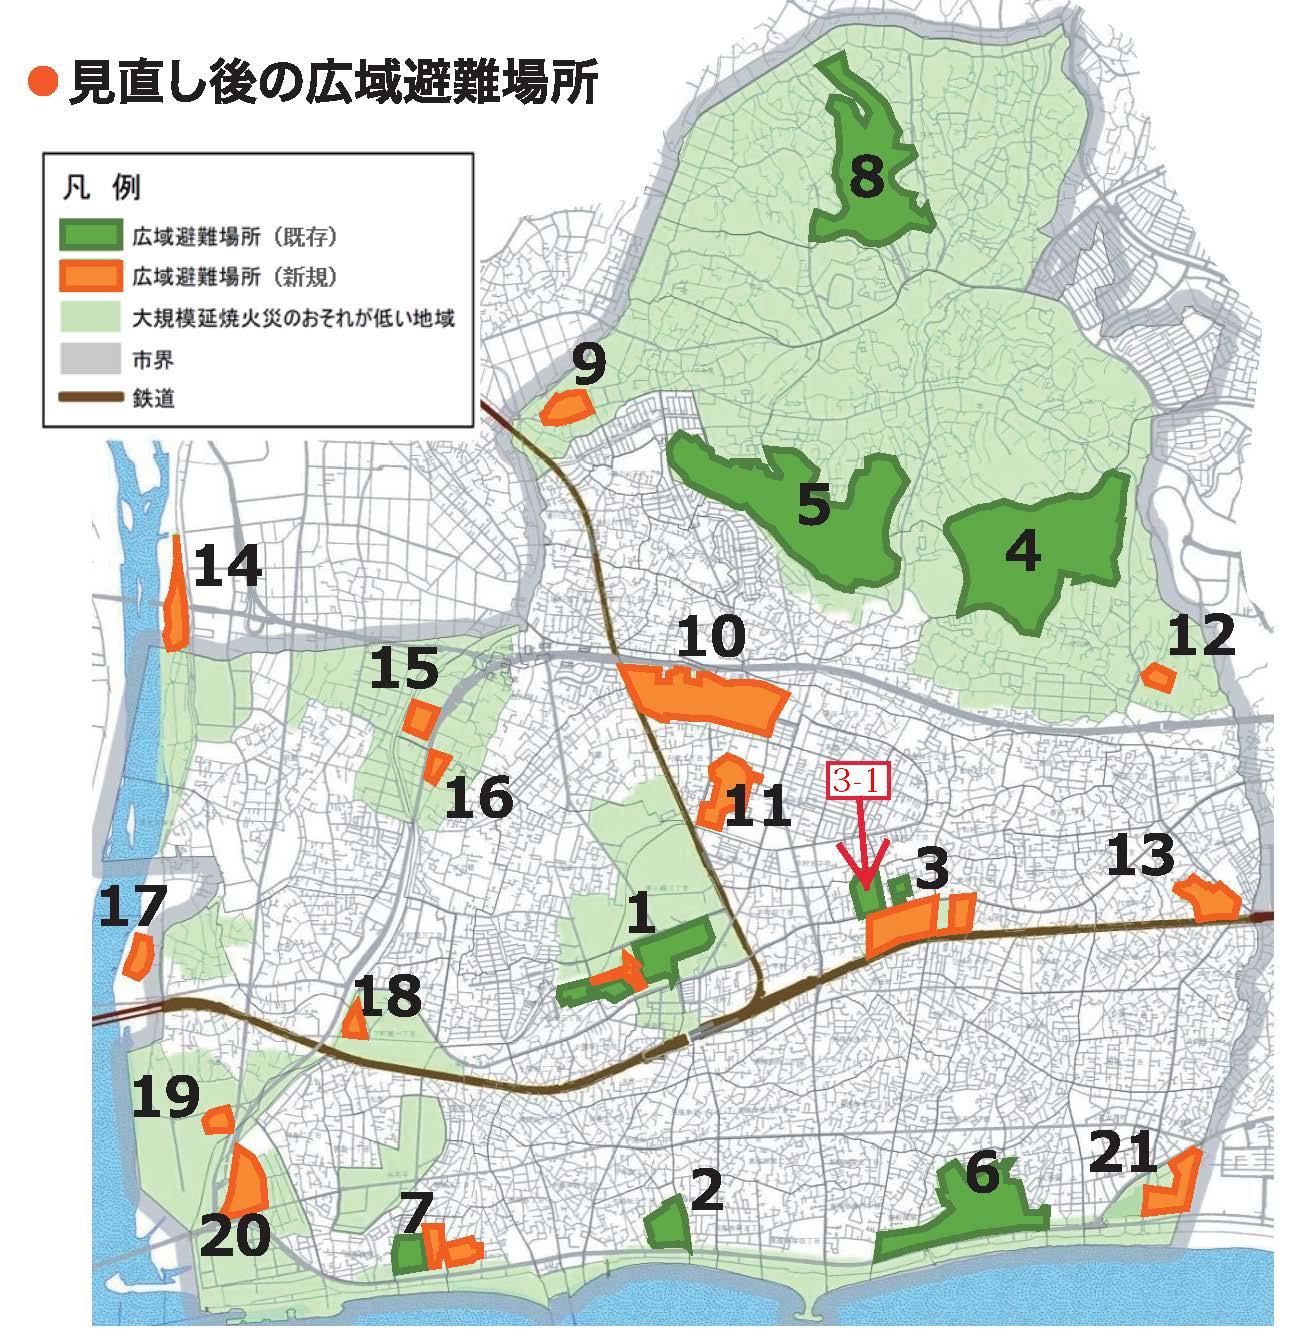 3-1.広域避難場所_茅ヶ崎市地図